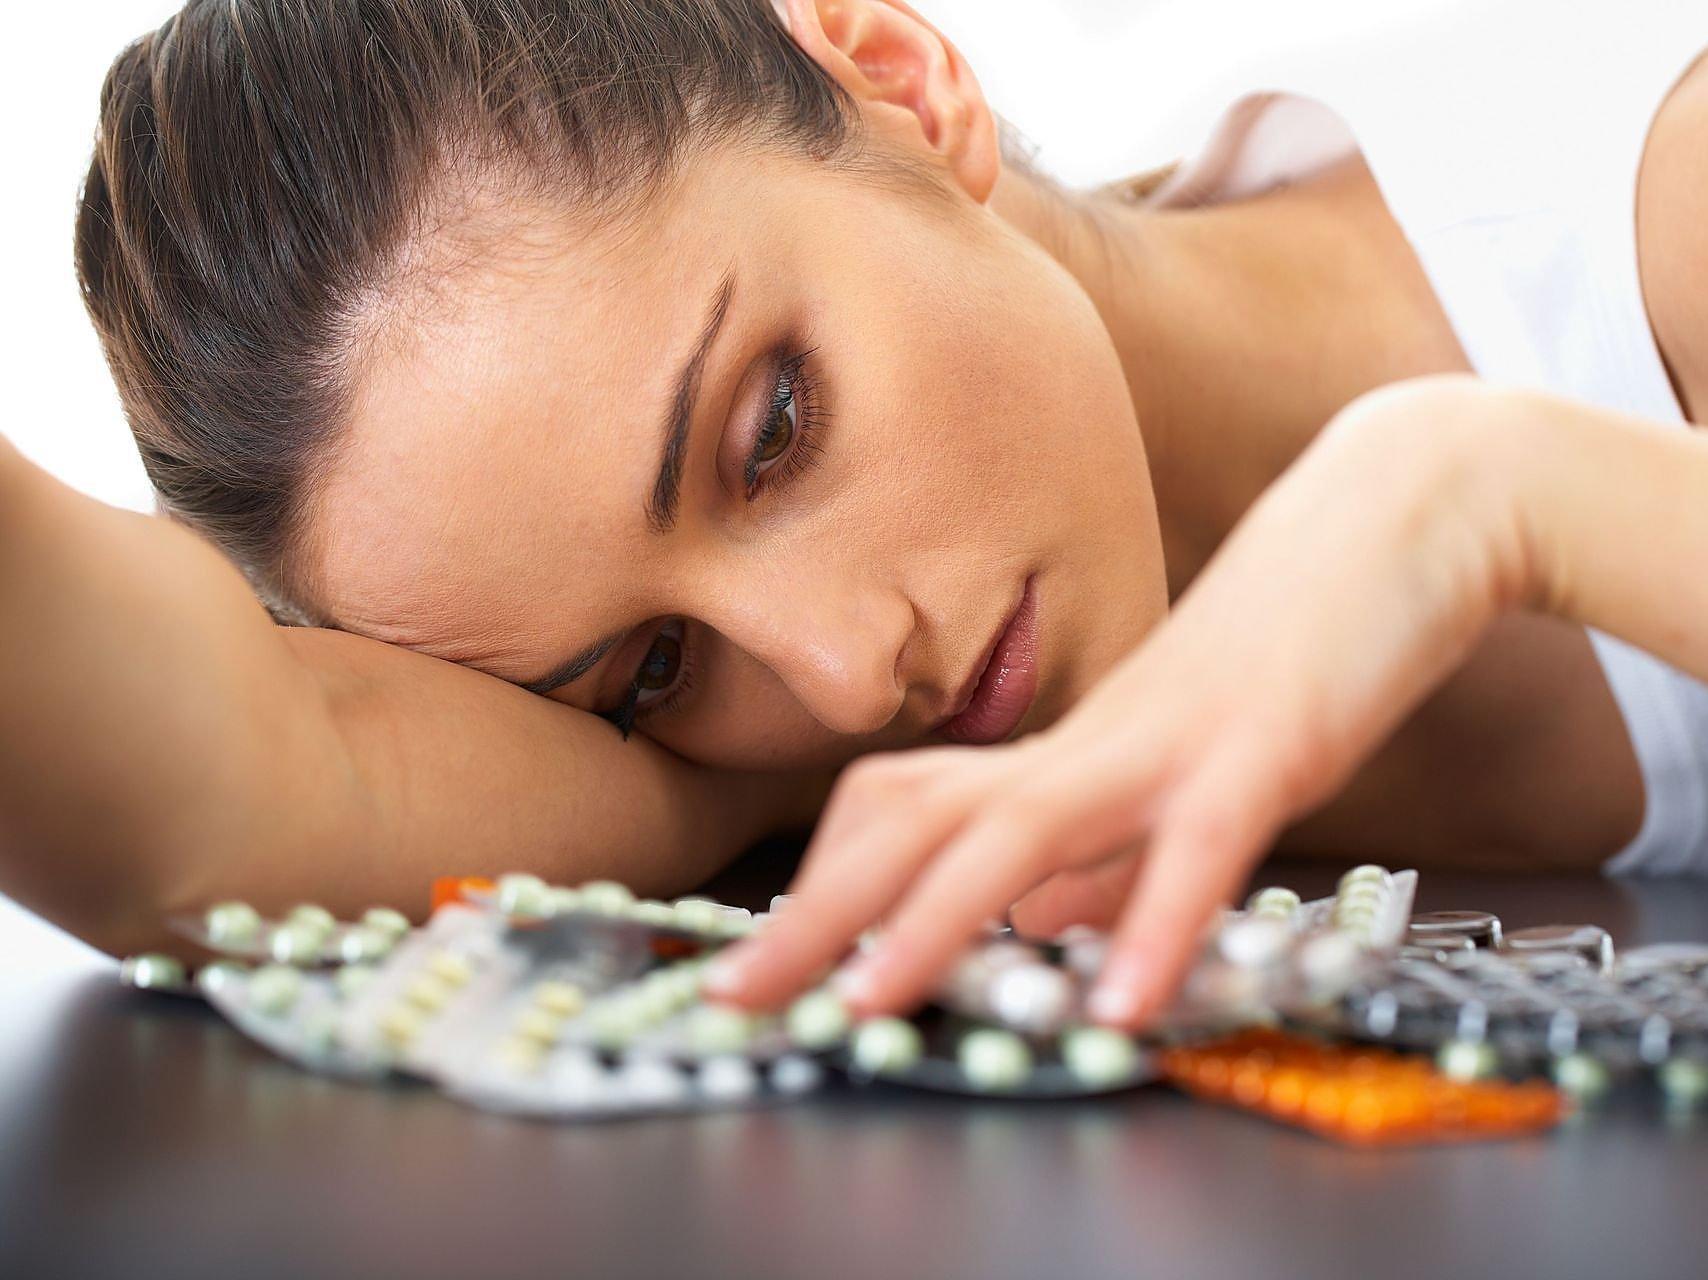 Лечим депрессию в домашних условиях проверенными методами